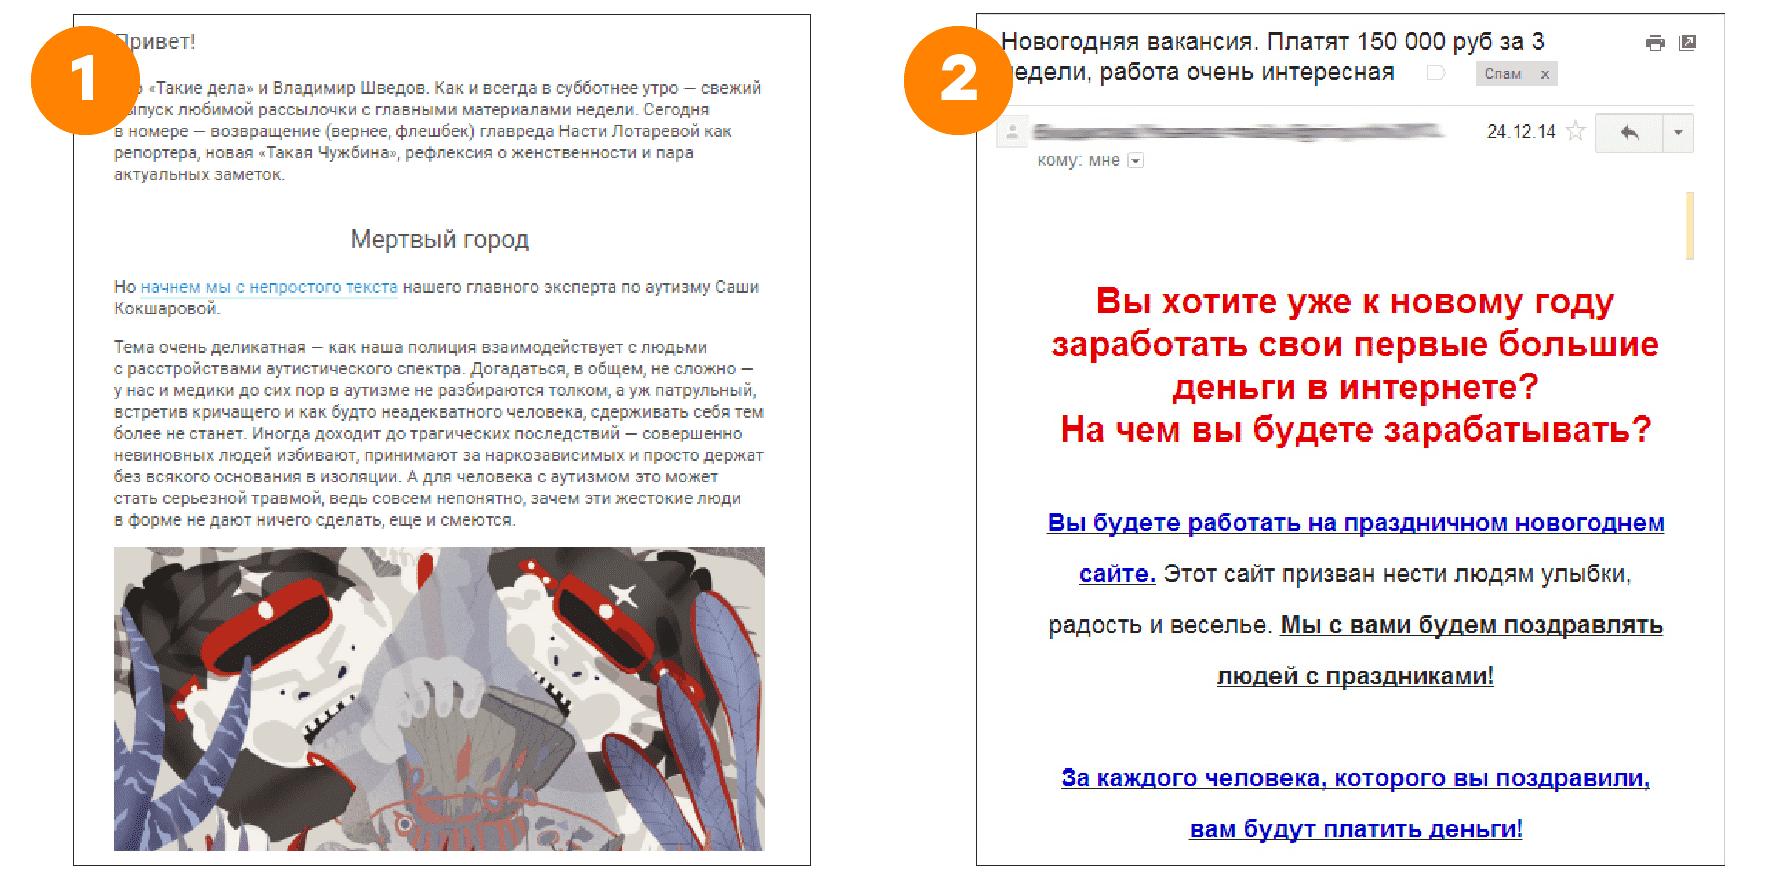 Какое письмо я достал из спама